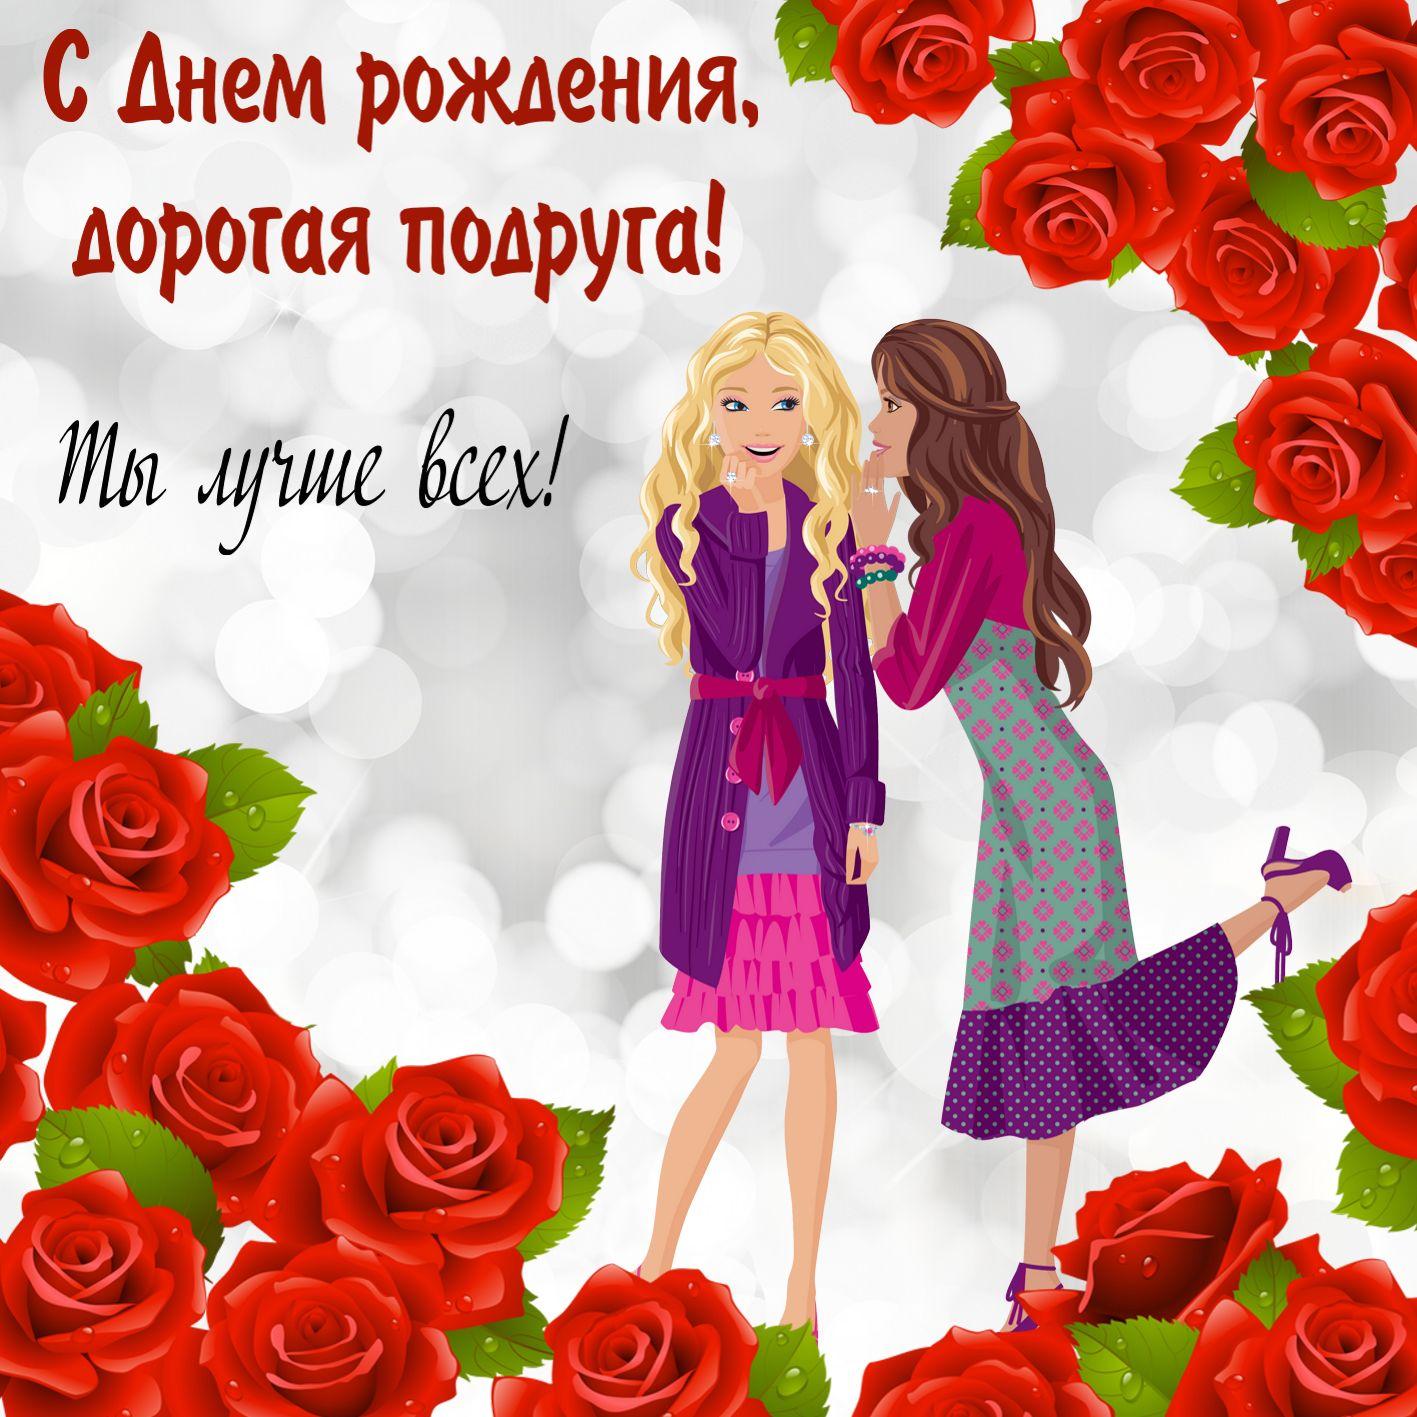 Открытка с Днём рождения - две подружки на фоне красных роз